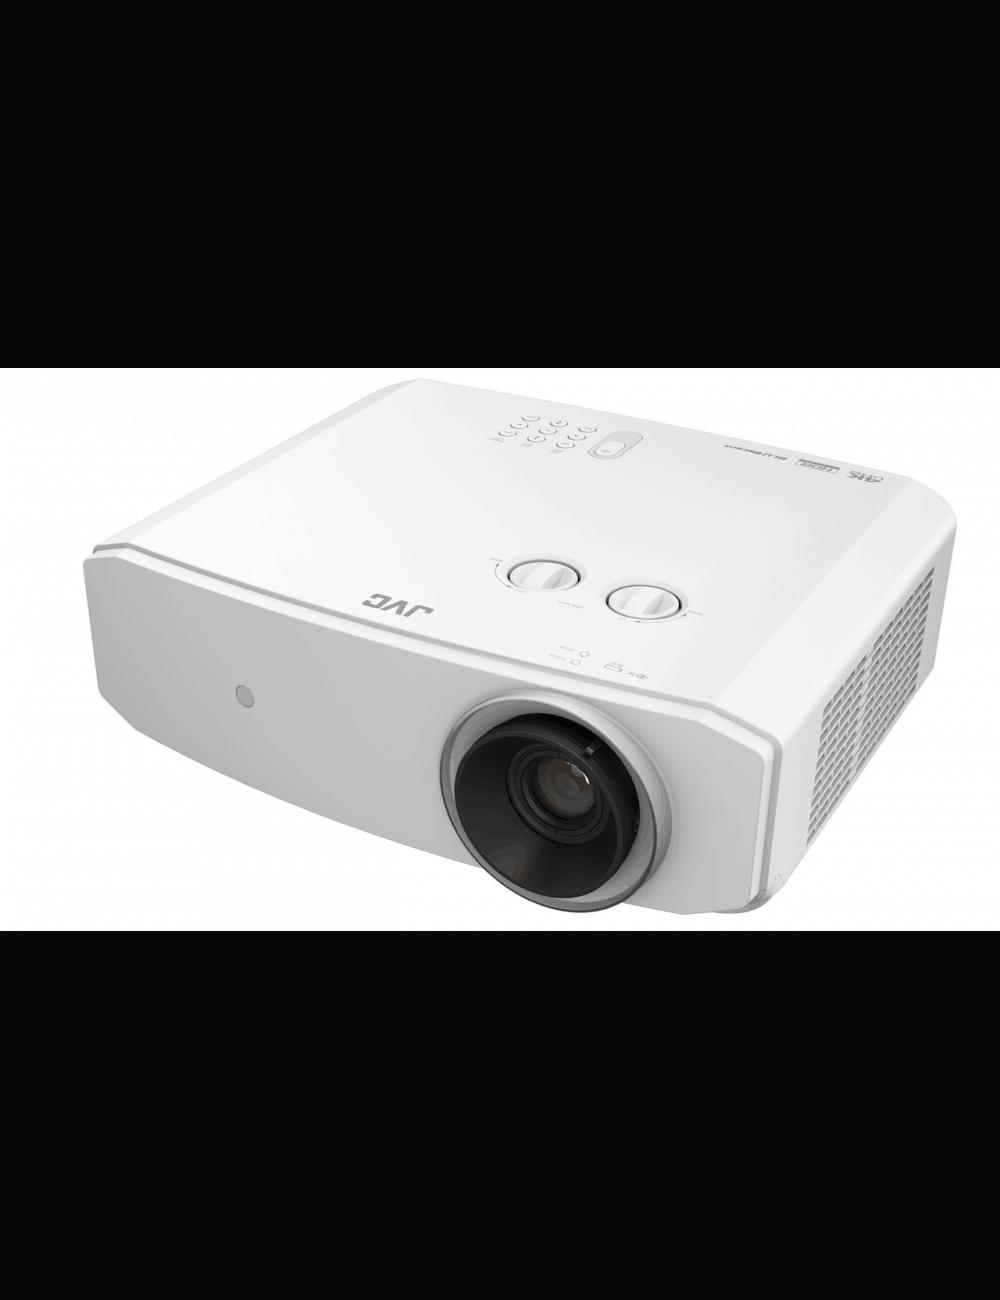 Proiettore laser 4K HDR per Home Cinema, JVC DLA-N5, , vista superiore, finitura white